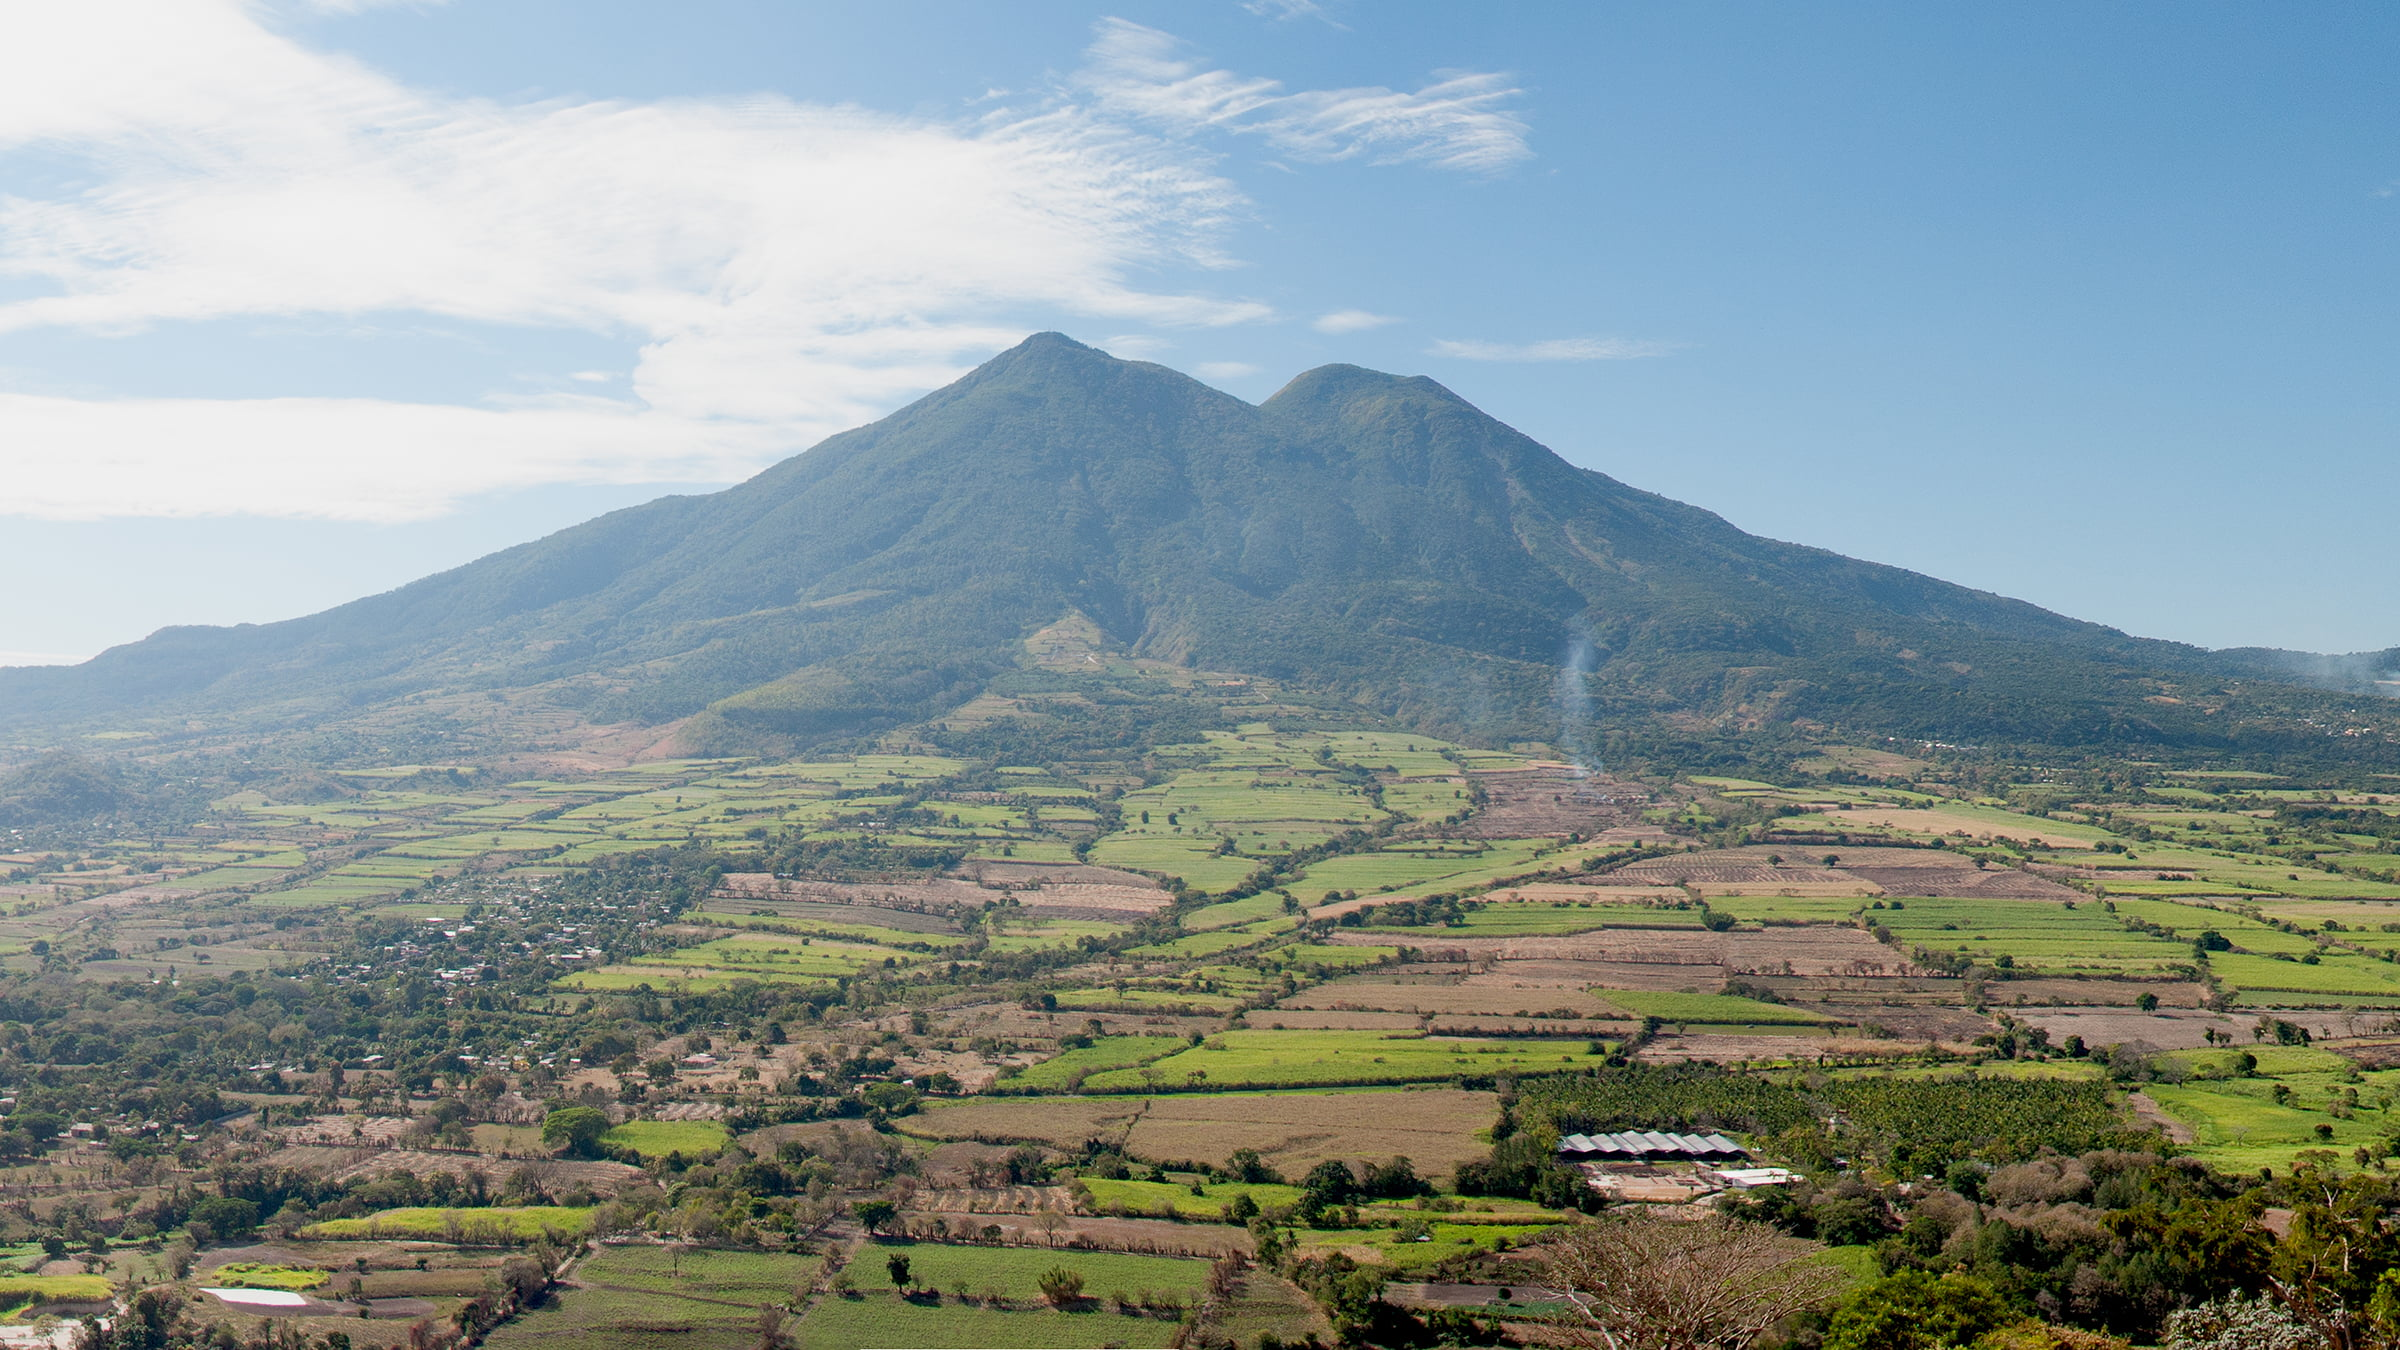 volcan-chinchontepec-san-vicente-el-salvador